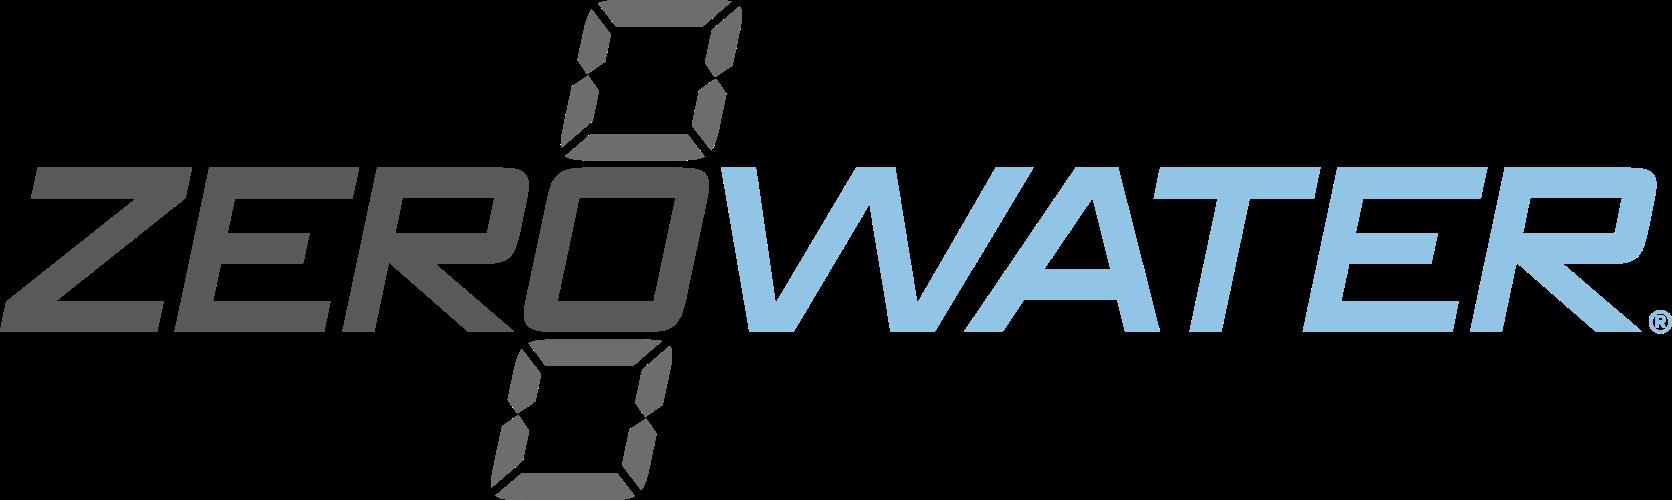 ZeroWater-EU